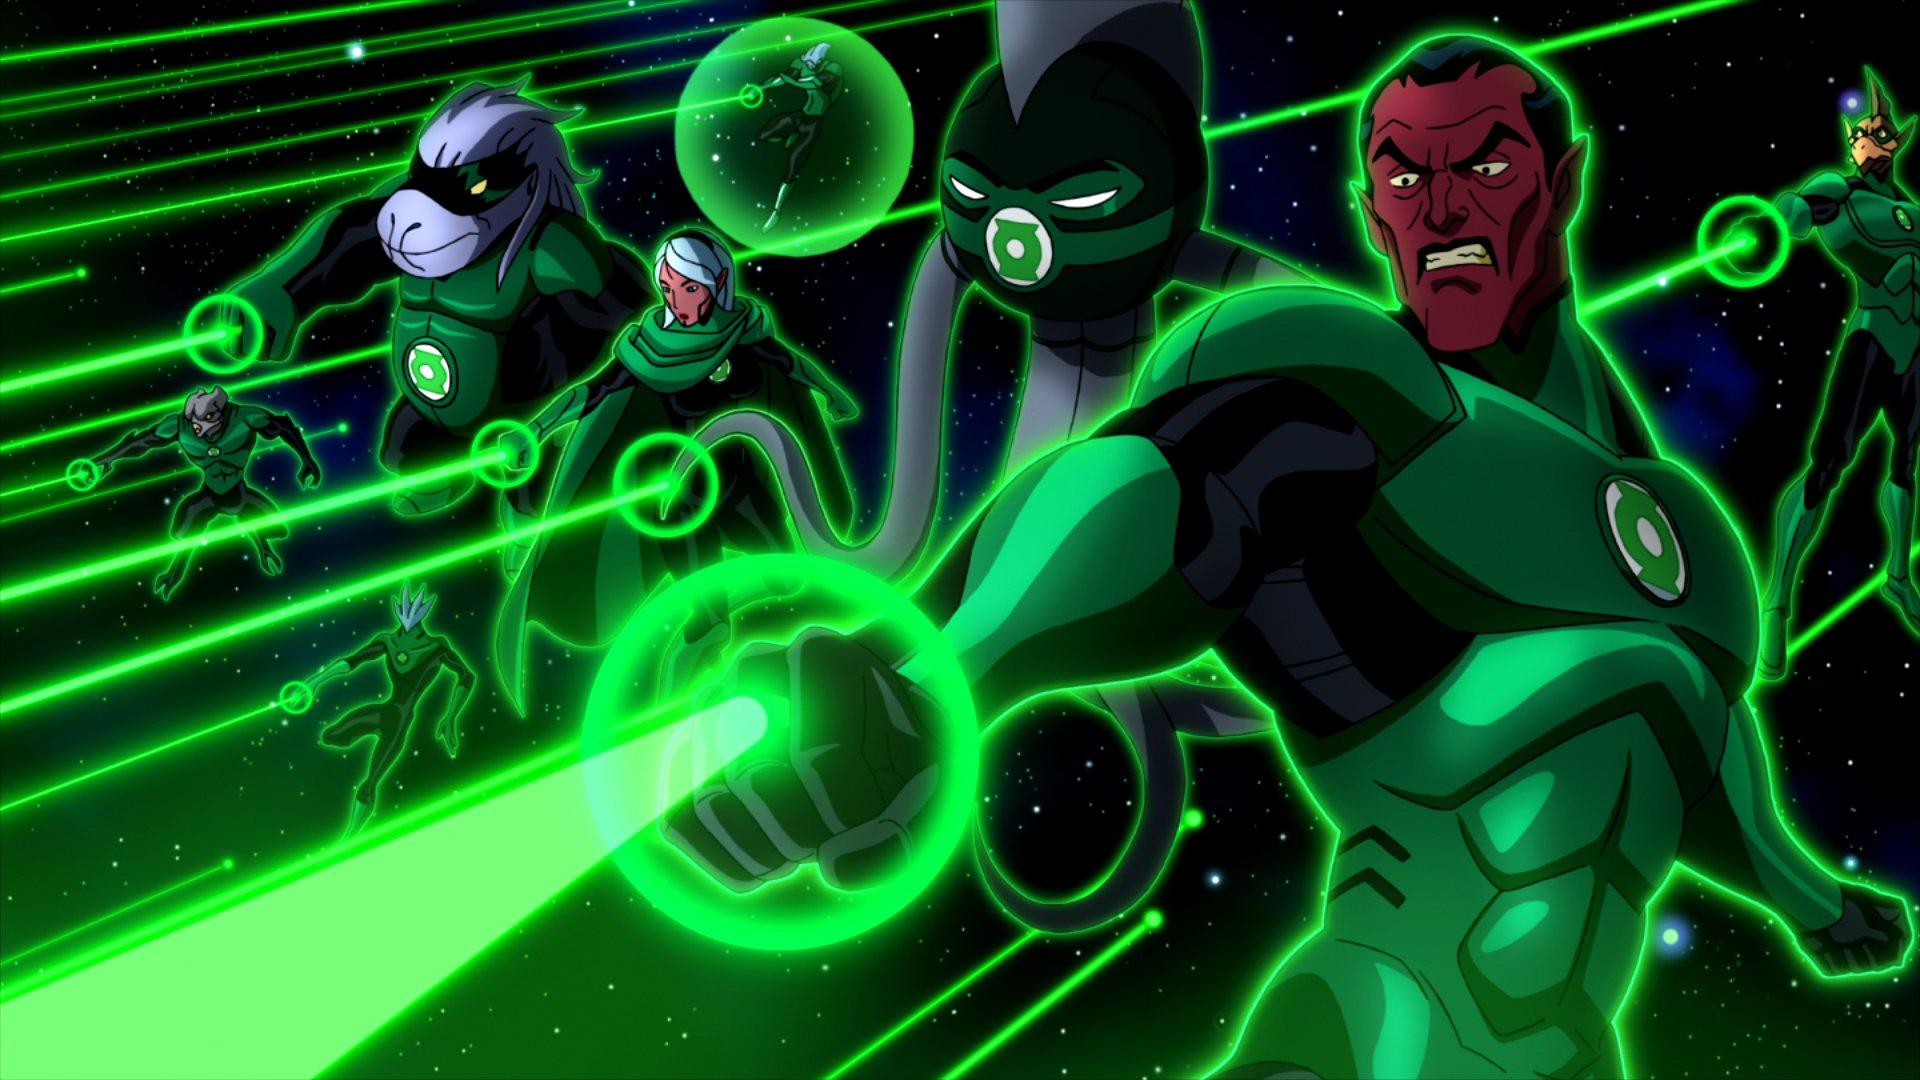 Вместо Suicide Squad. Анимация вселенной DC - Изображение 12